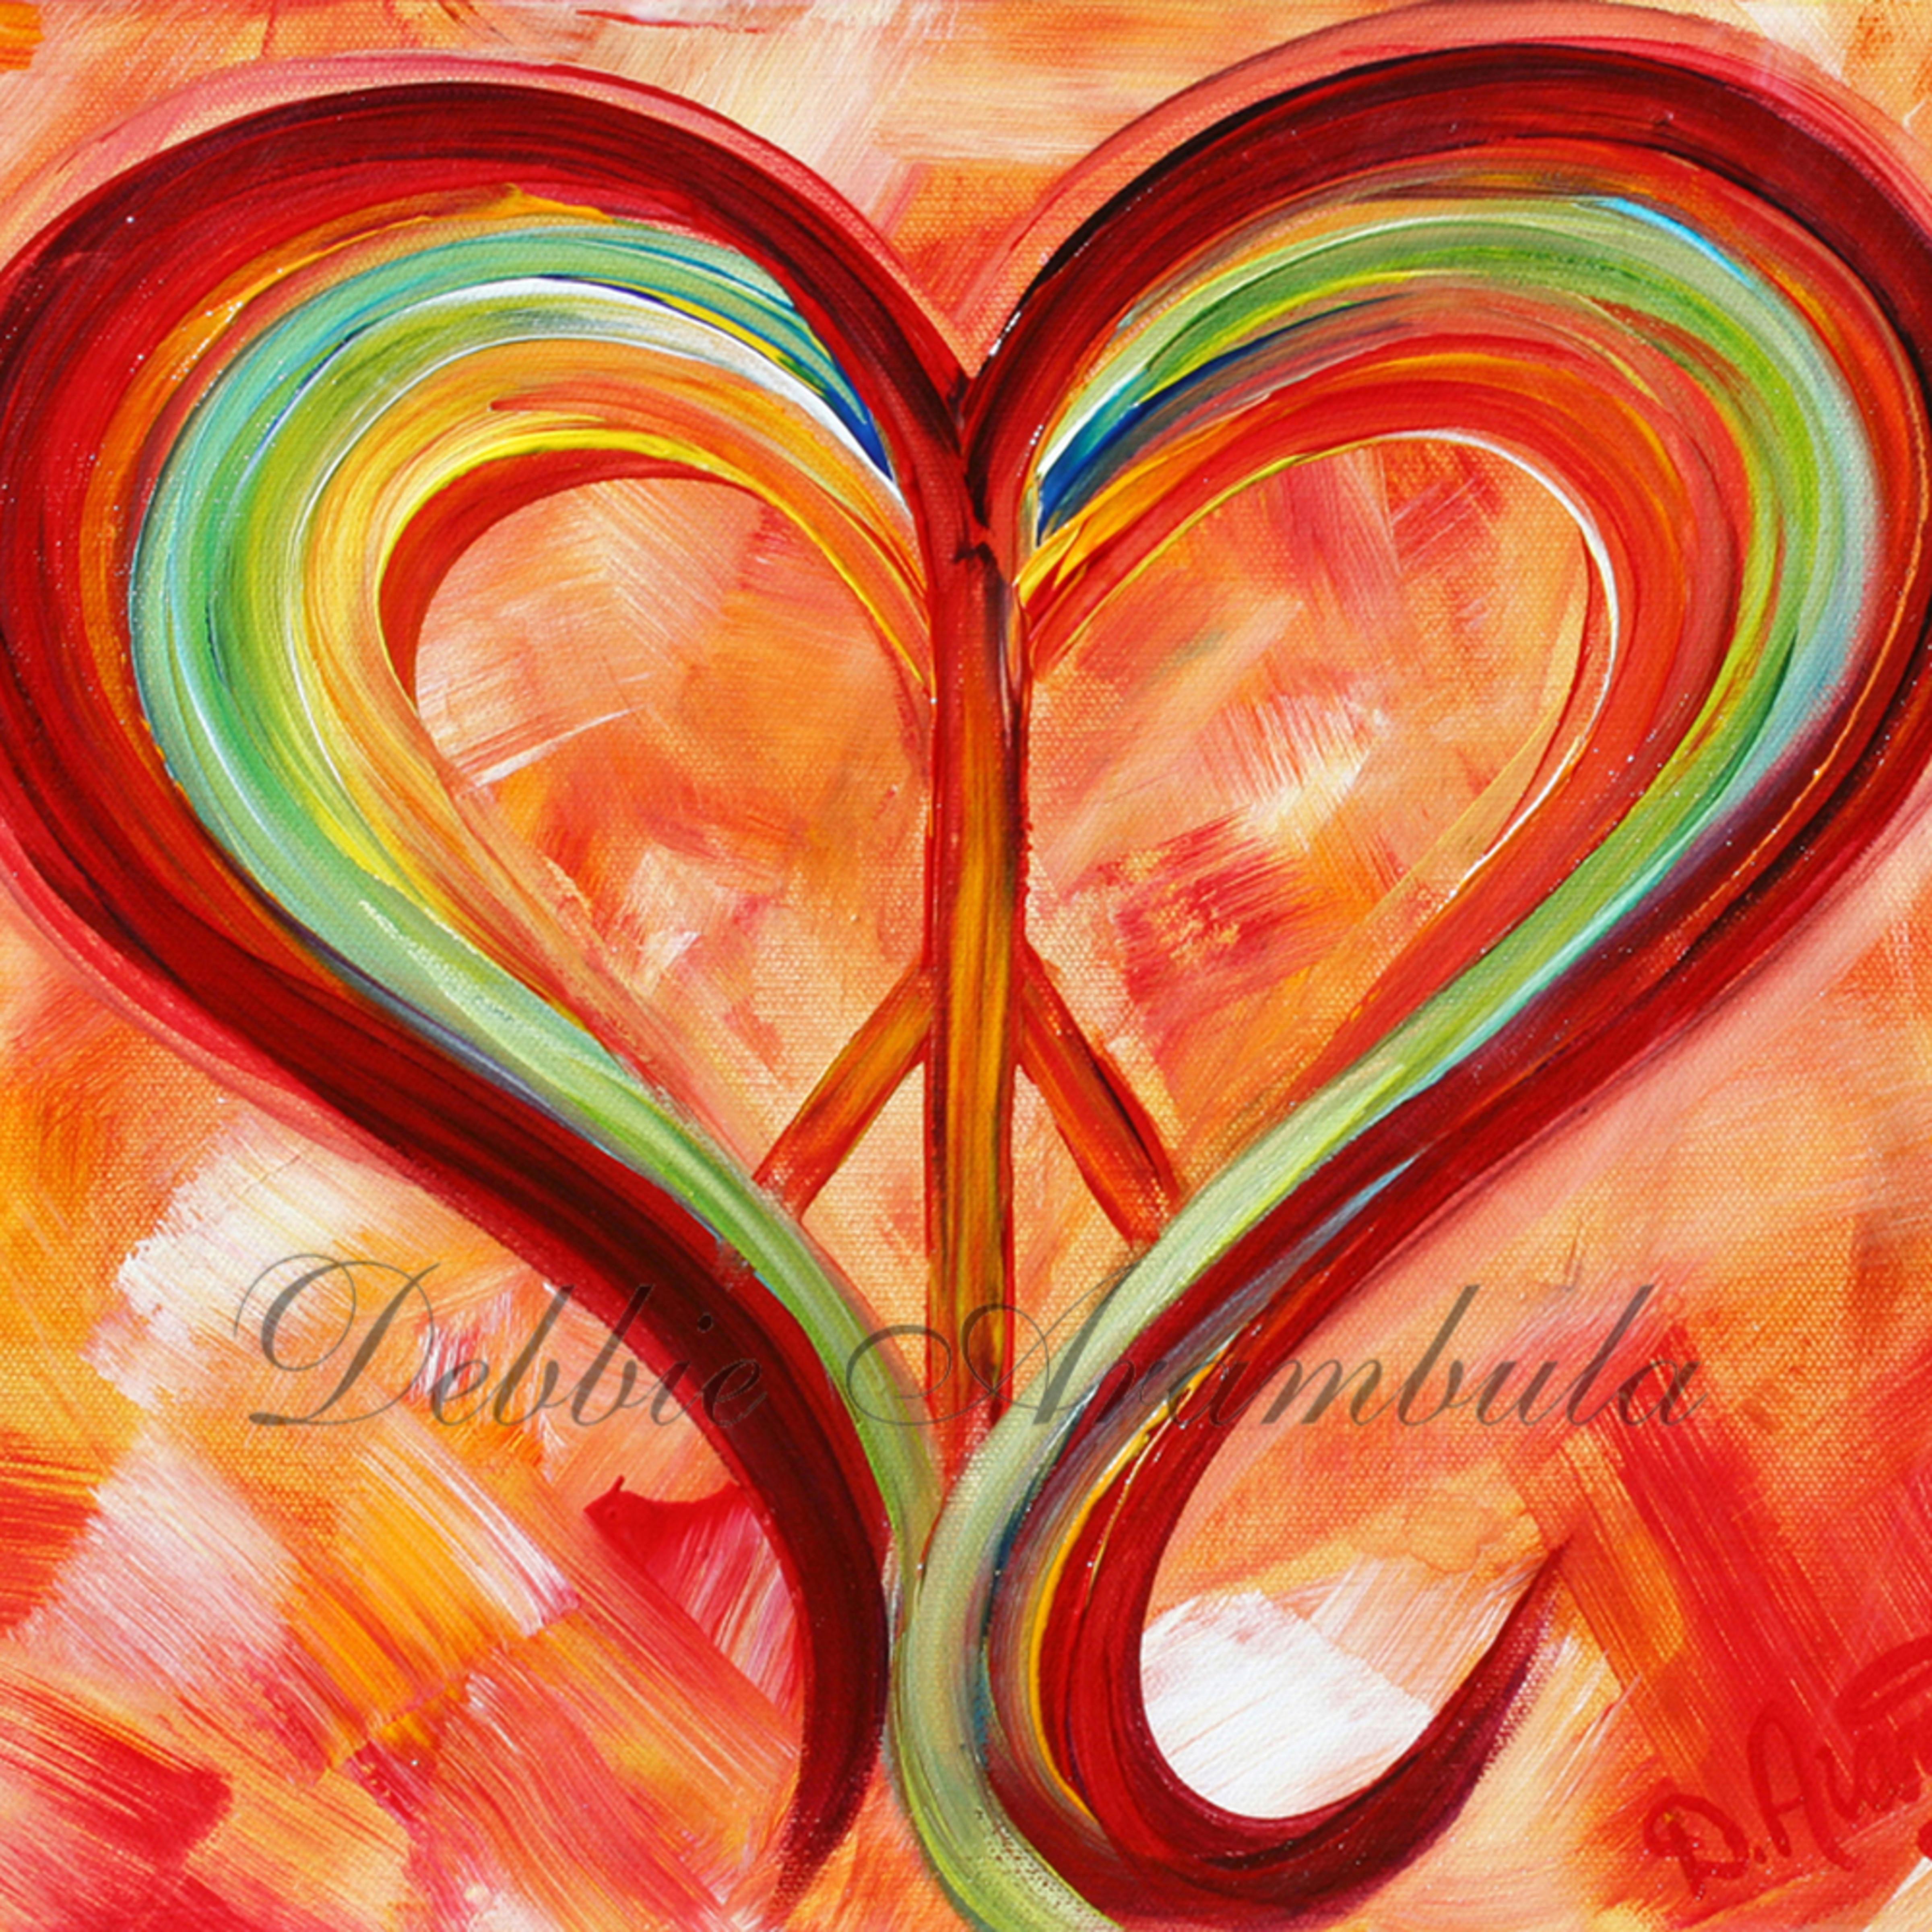 Passionate peace u0g5cq